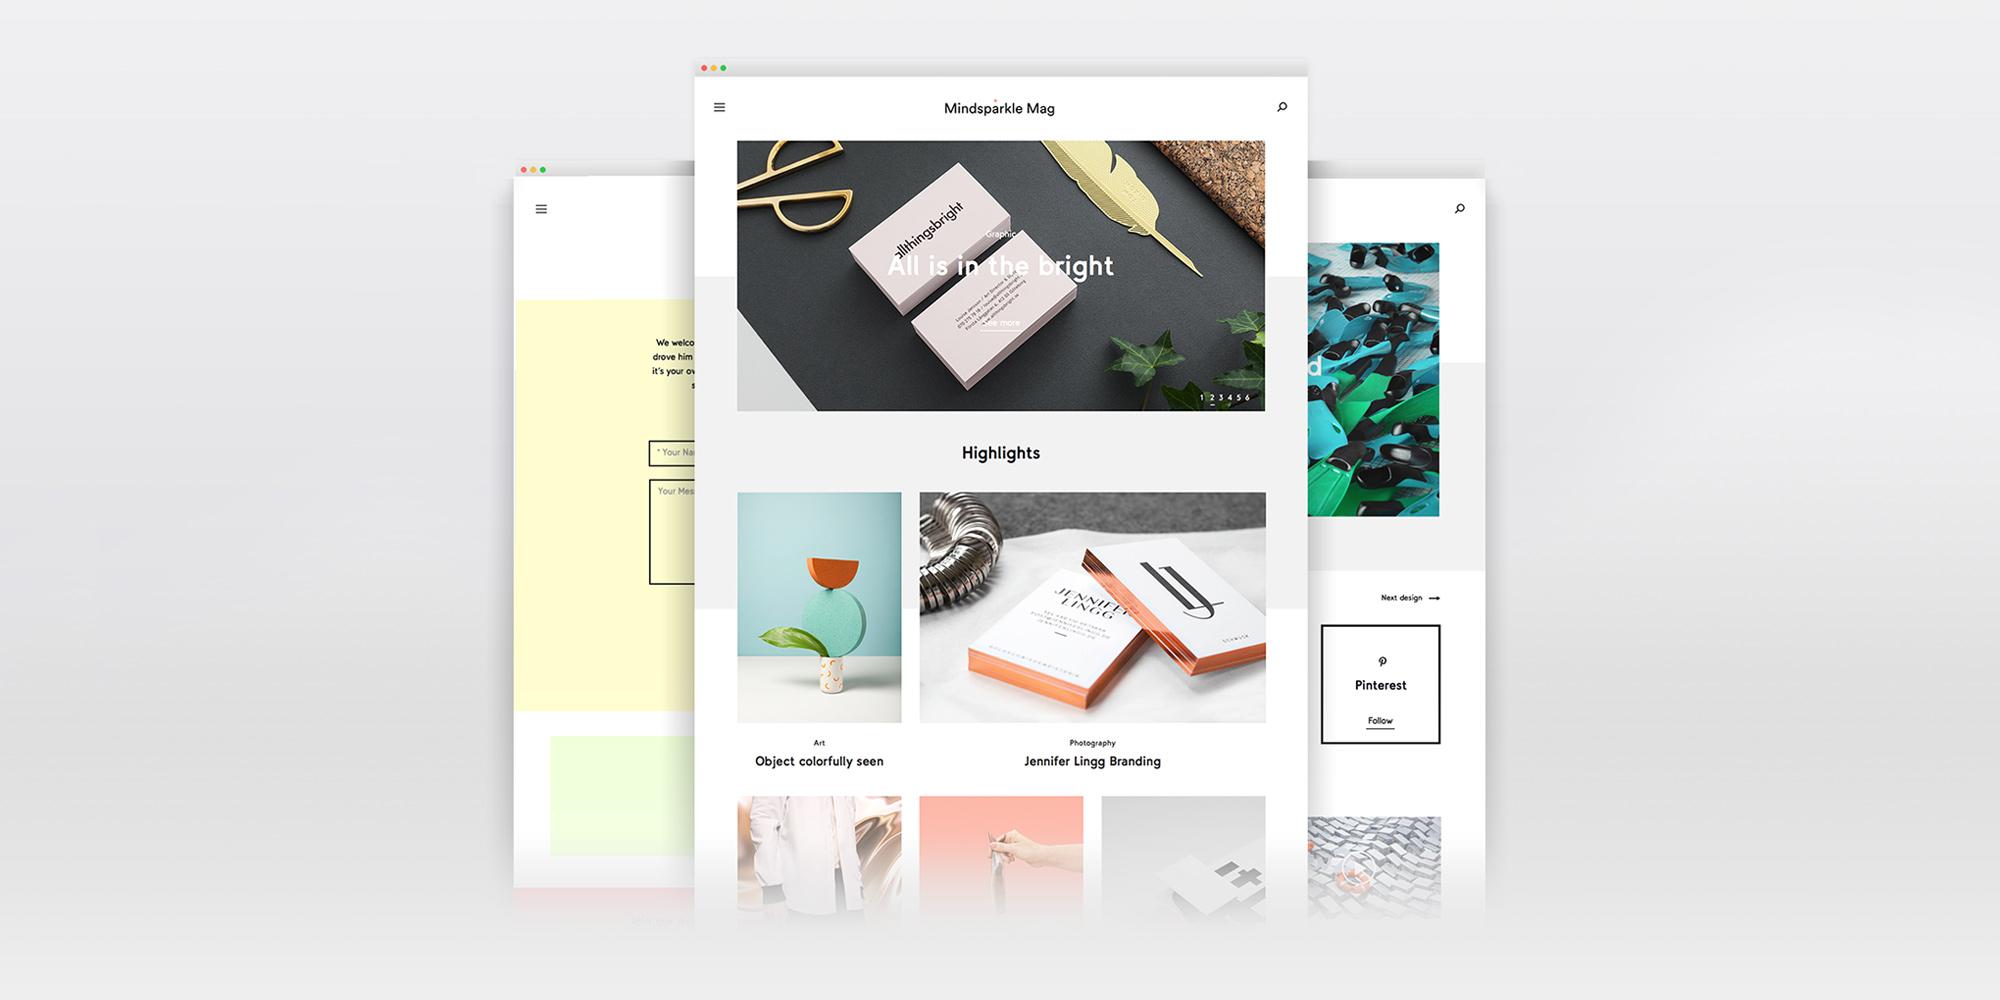 Mindsparkle Mag new redesign design blog magazine inspiration shop